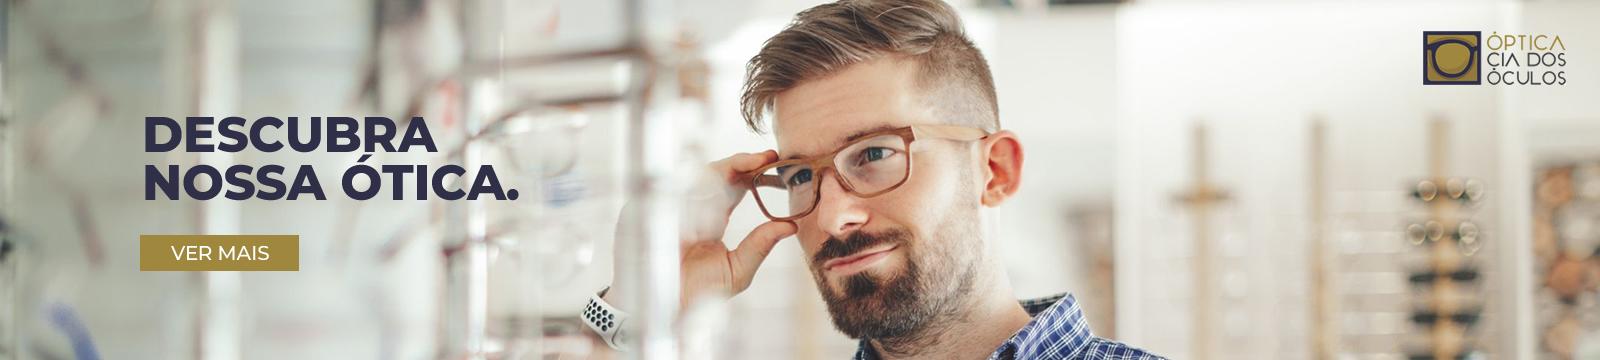 afc426970 Cia dos Óculos - Lentes de Contato e Óculos